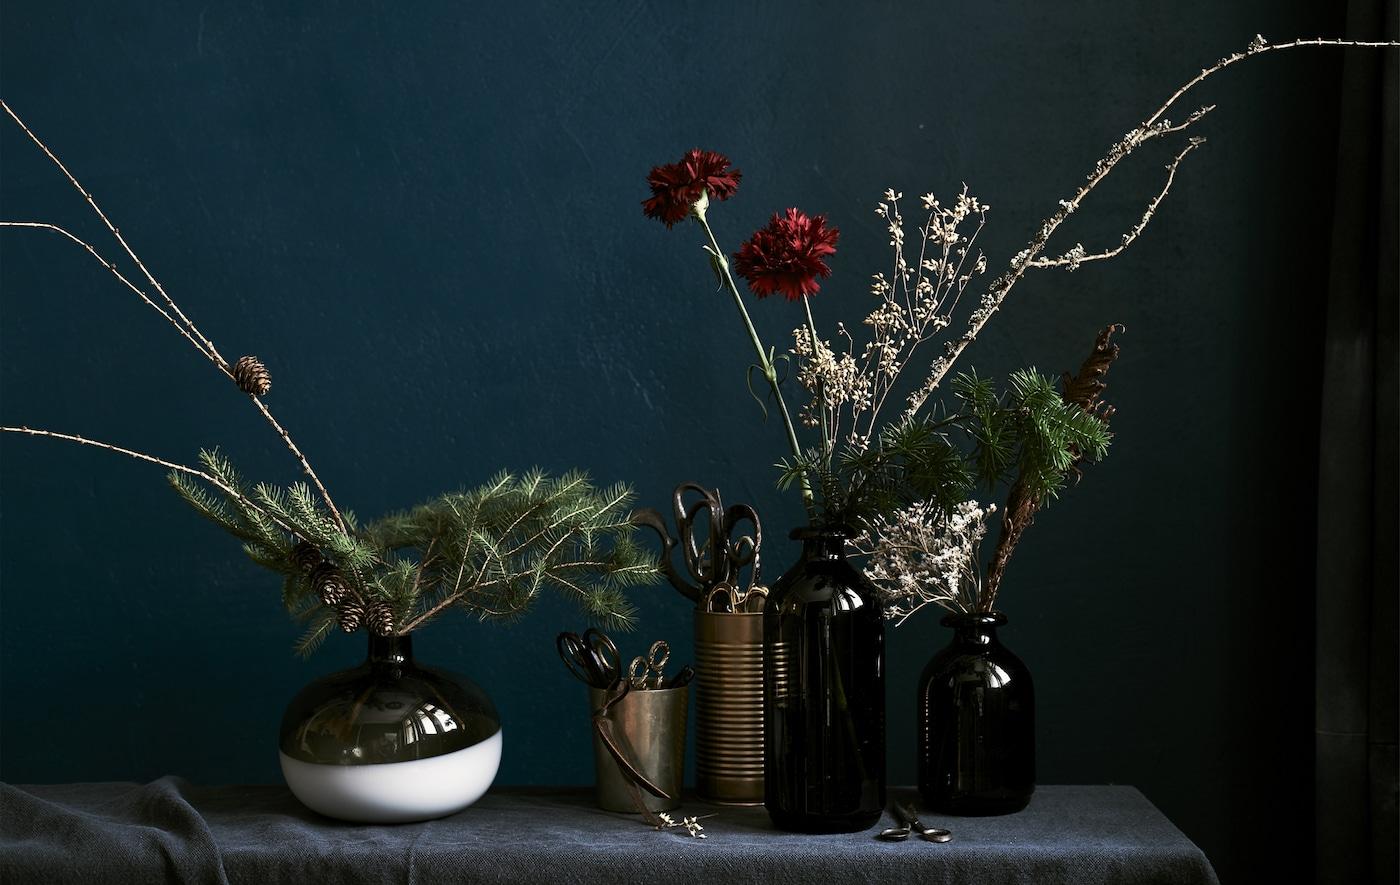 Compositions florales dans des vases de différentes tailles, sur une toile de fond foncée.